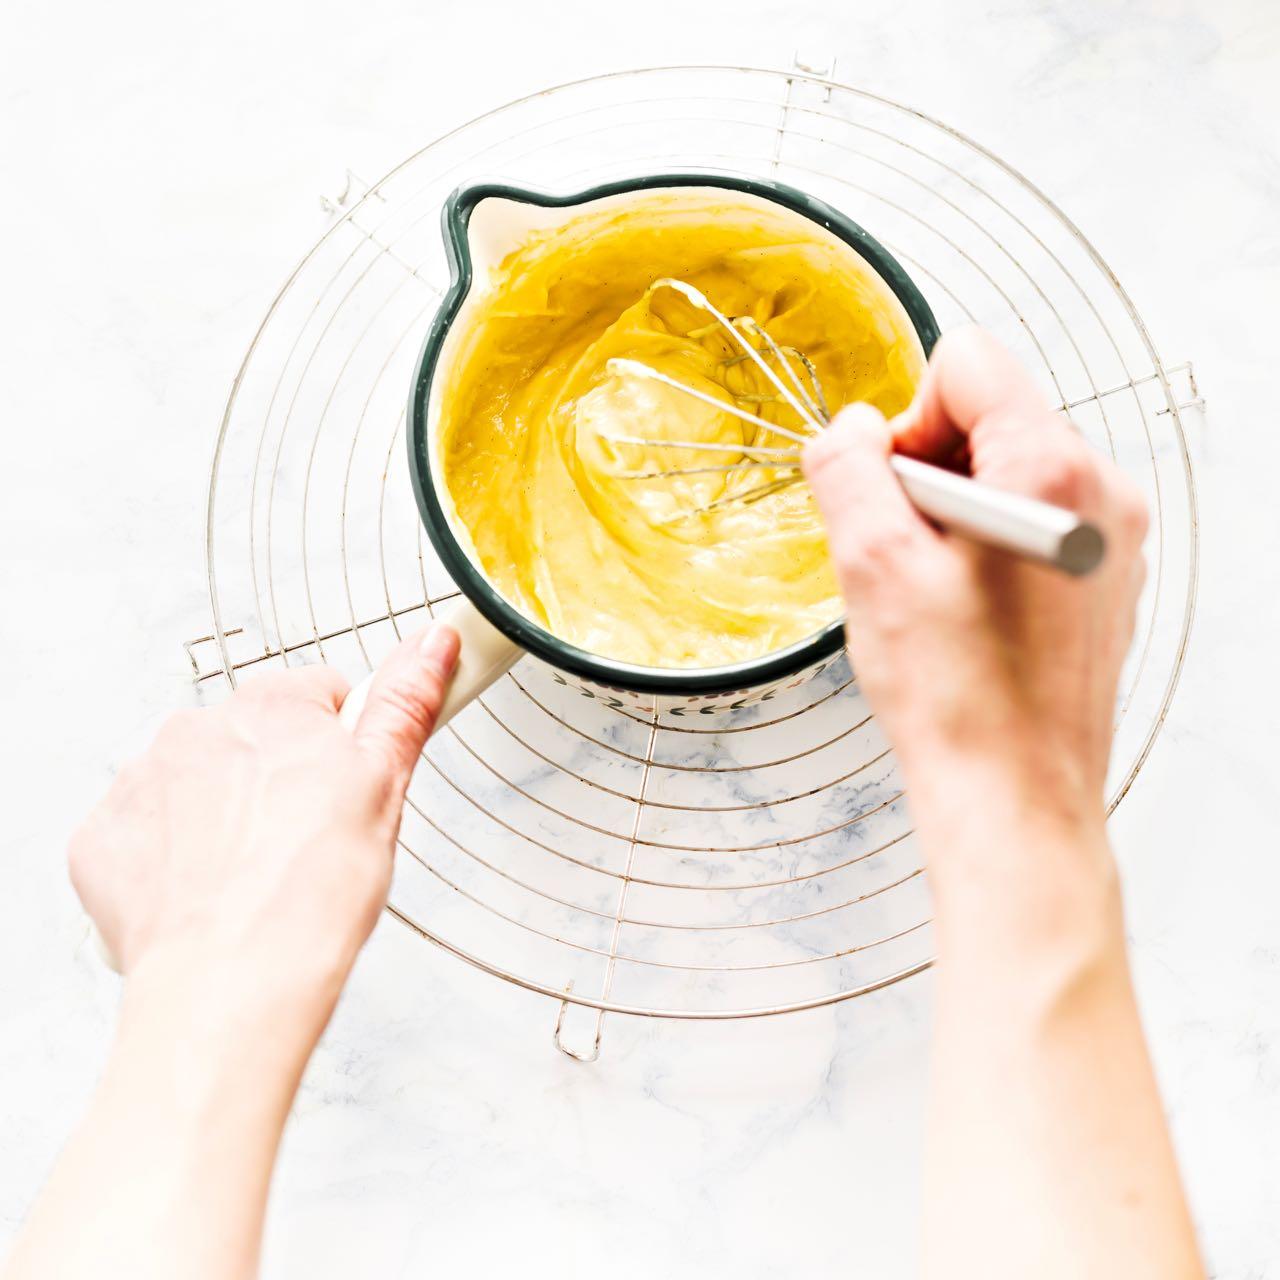 crema pasticcera - come fare la crema pasticcera - ricetta crema pasticcera - custard cream recipe